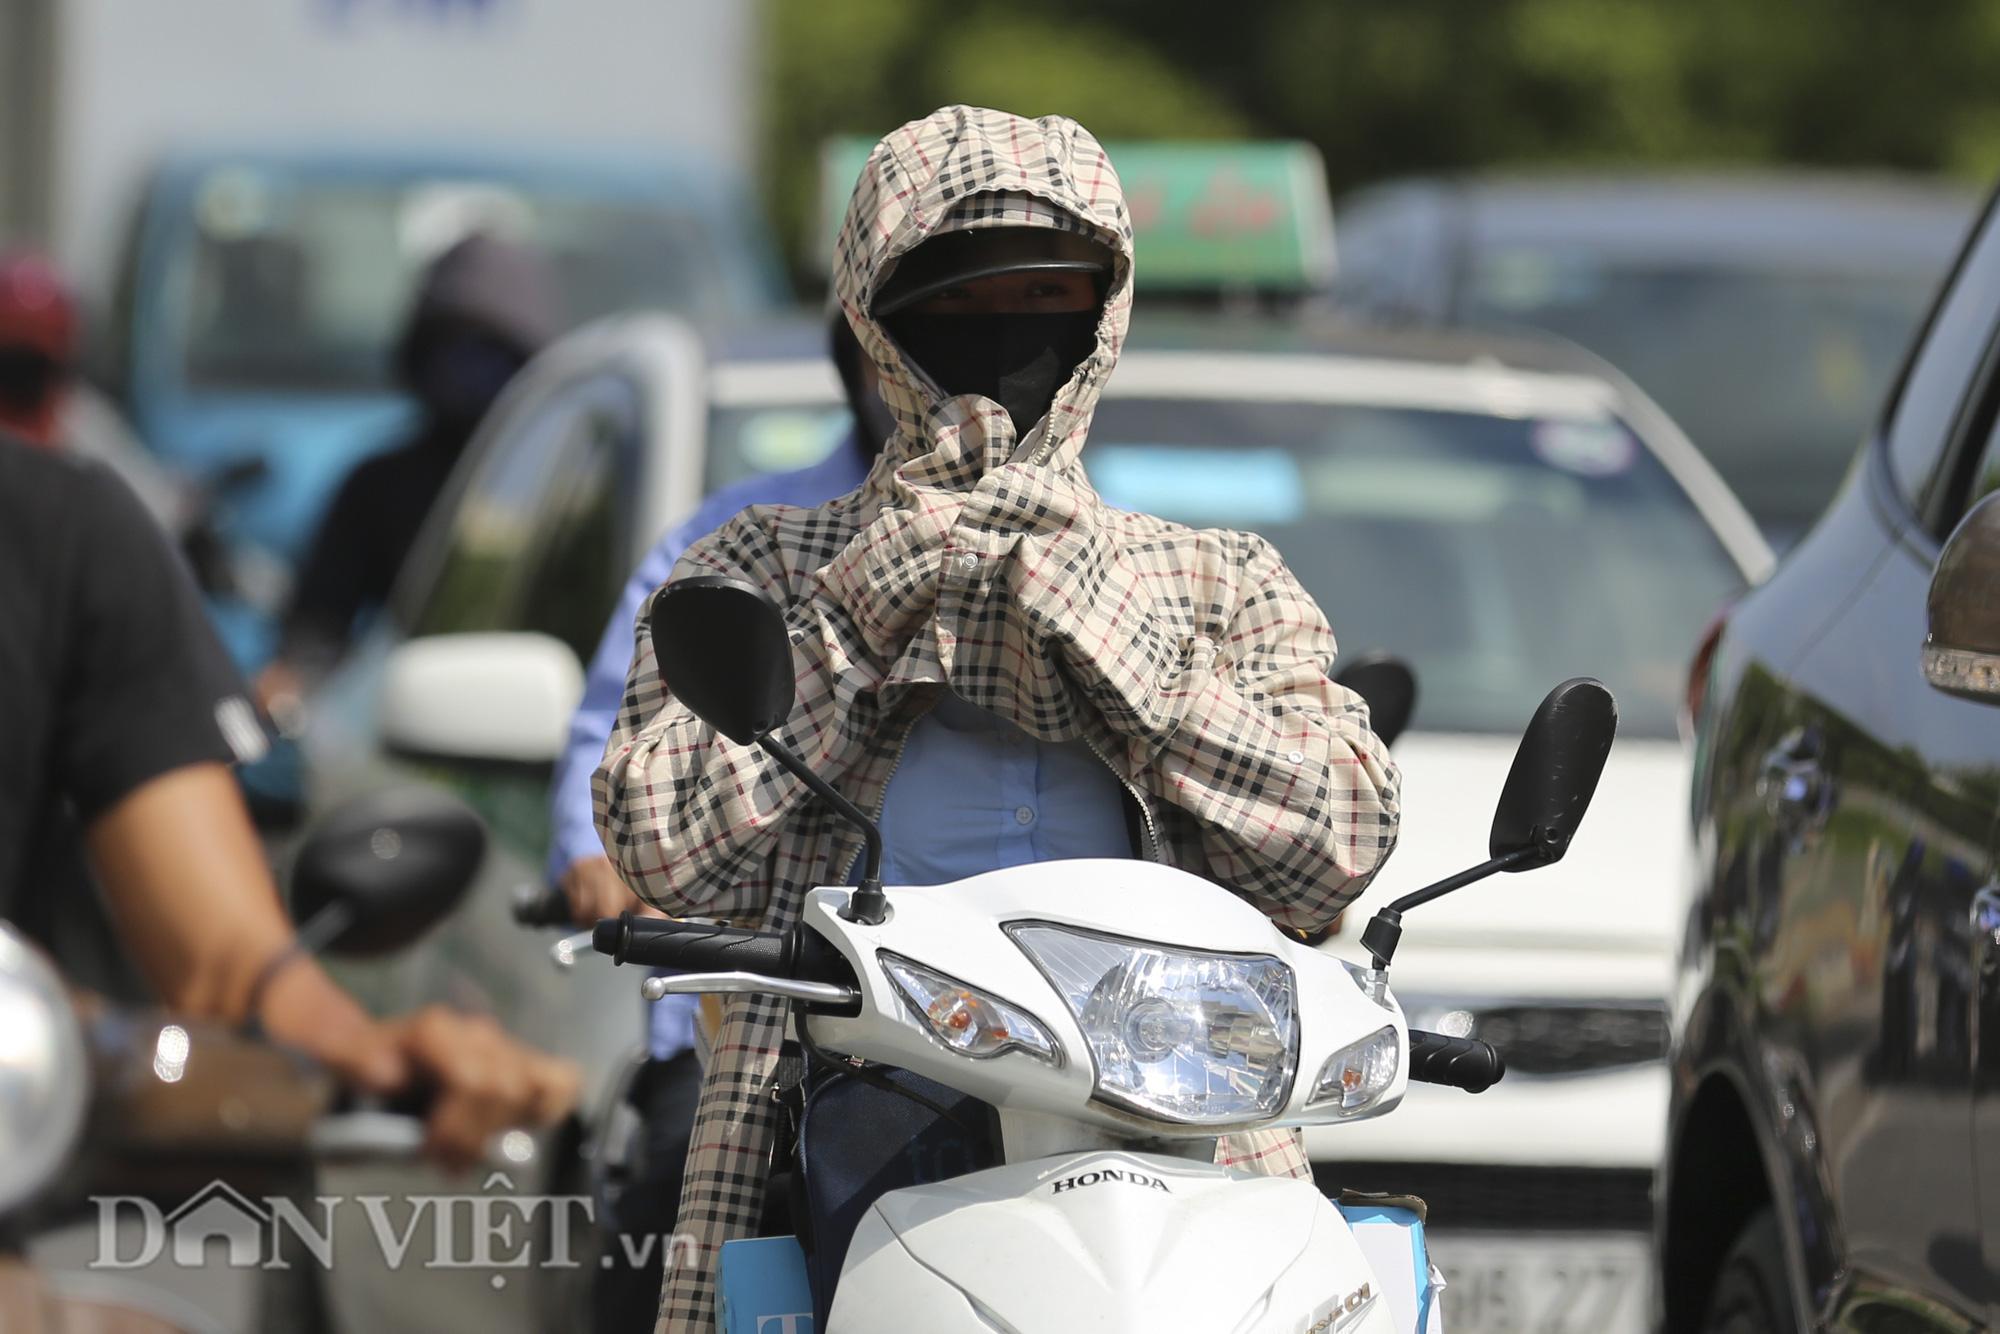 """Đường phố Hà Nội """"bốc hơi"""", người đi đường khốn khổ trong cái nắng 42 độ C - Ảnh 5."""